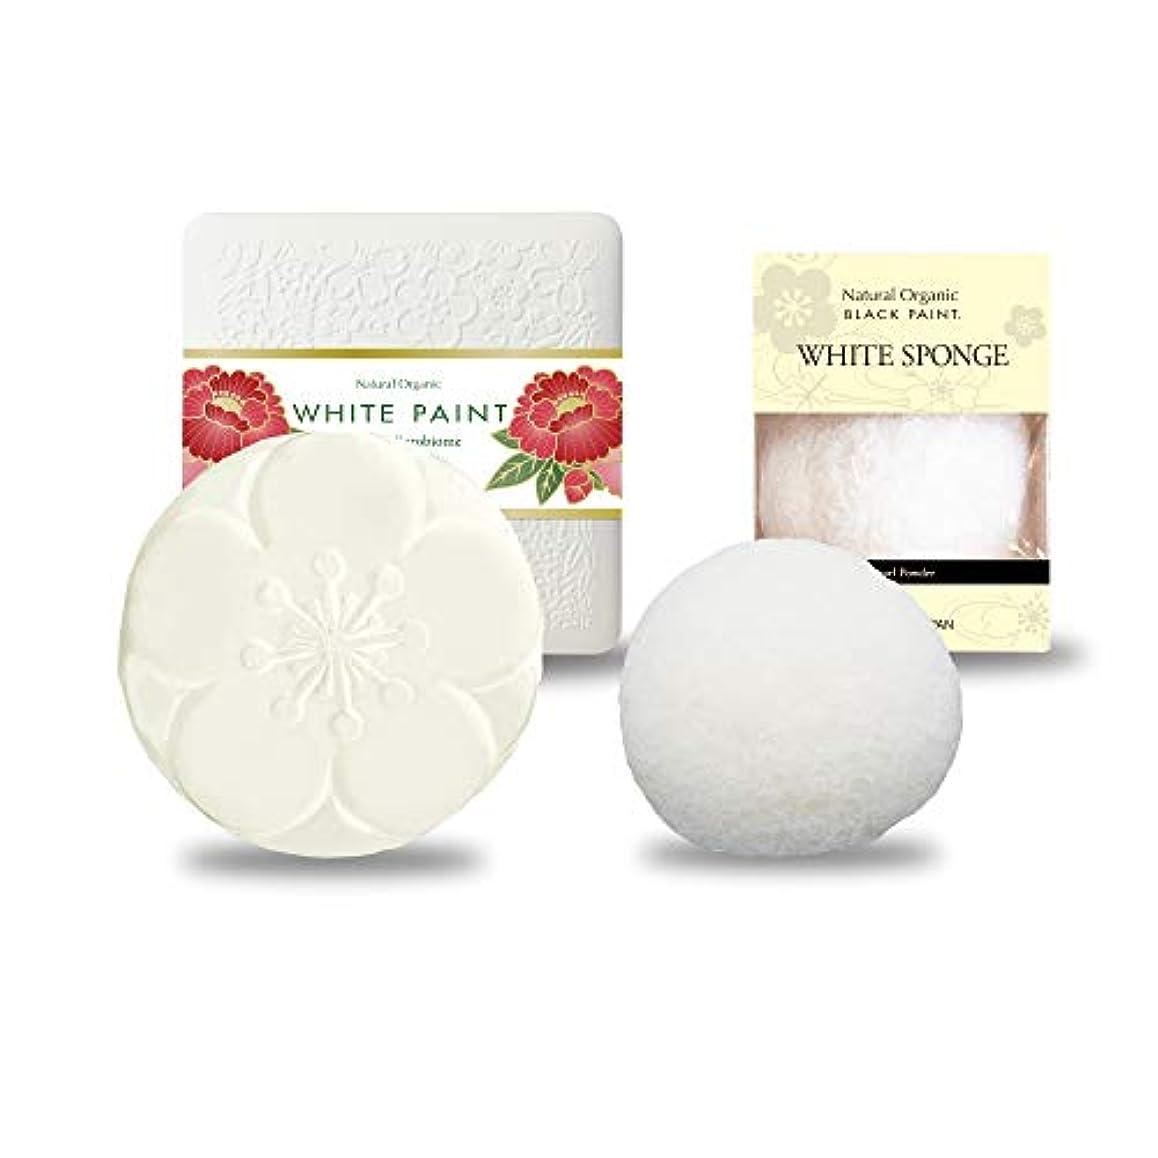 吸収するできない絶え間ないプレミアムホワイトペイント60g&ホワイトスポンジ 洗顔セット